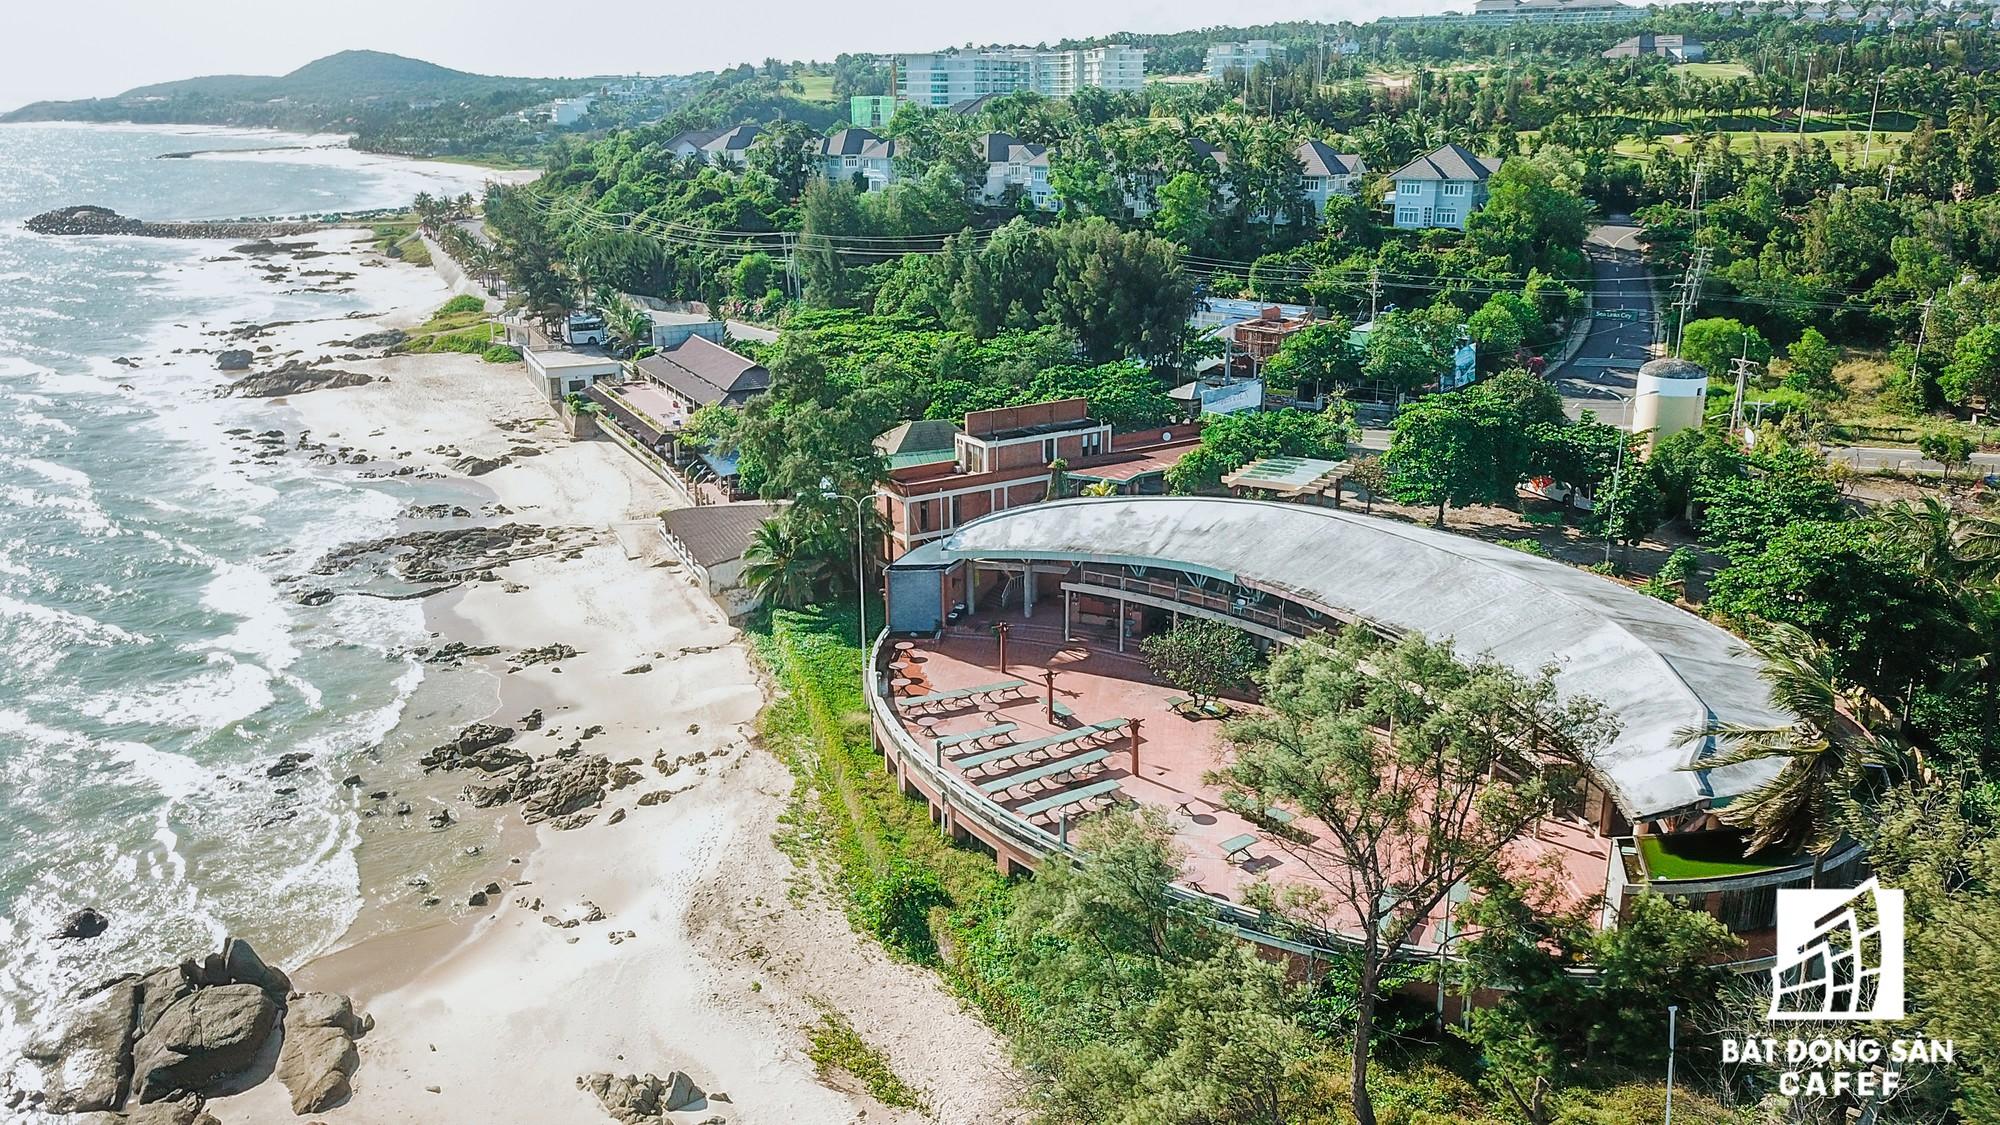 Quy hoạch thành khu du lịch quốc gia, dải ven biển này đang đón dòng vốn hàng tỷ USD, giá đất tăng chóng mặt - Ảnh 7.